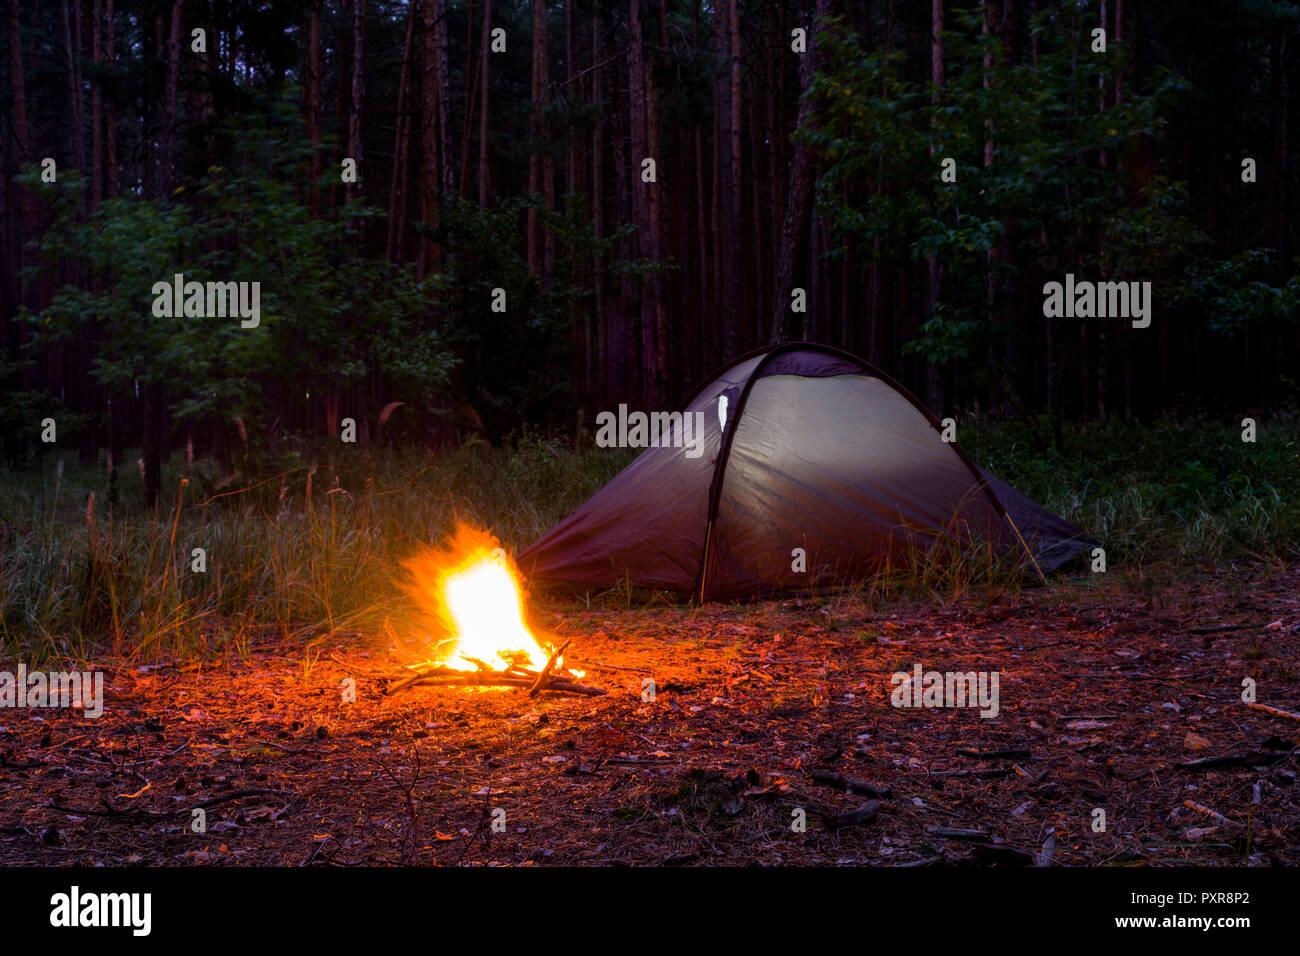 Tiendas de campaña en un bosque de pinos en la noche Foto & Imagen ...